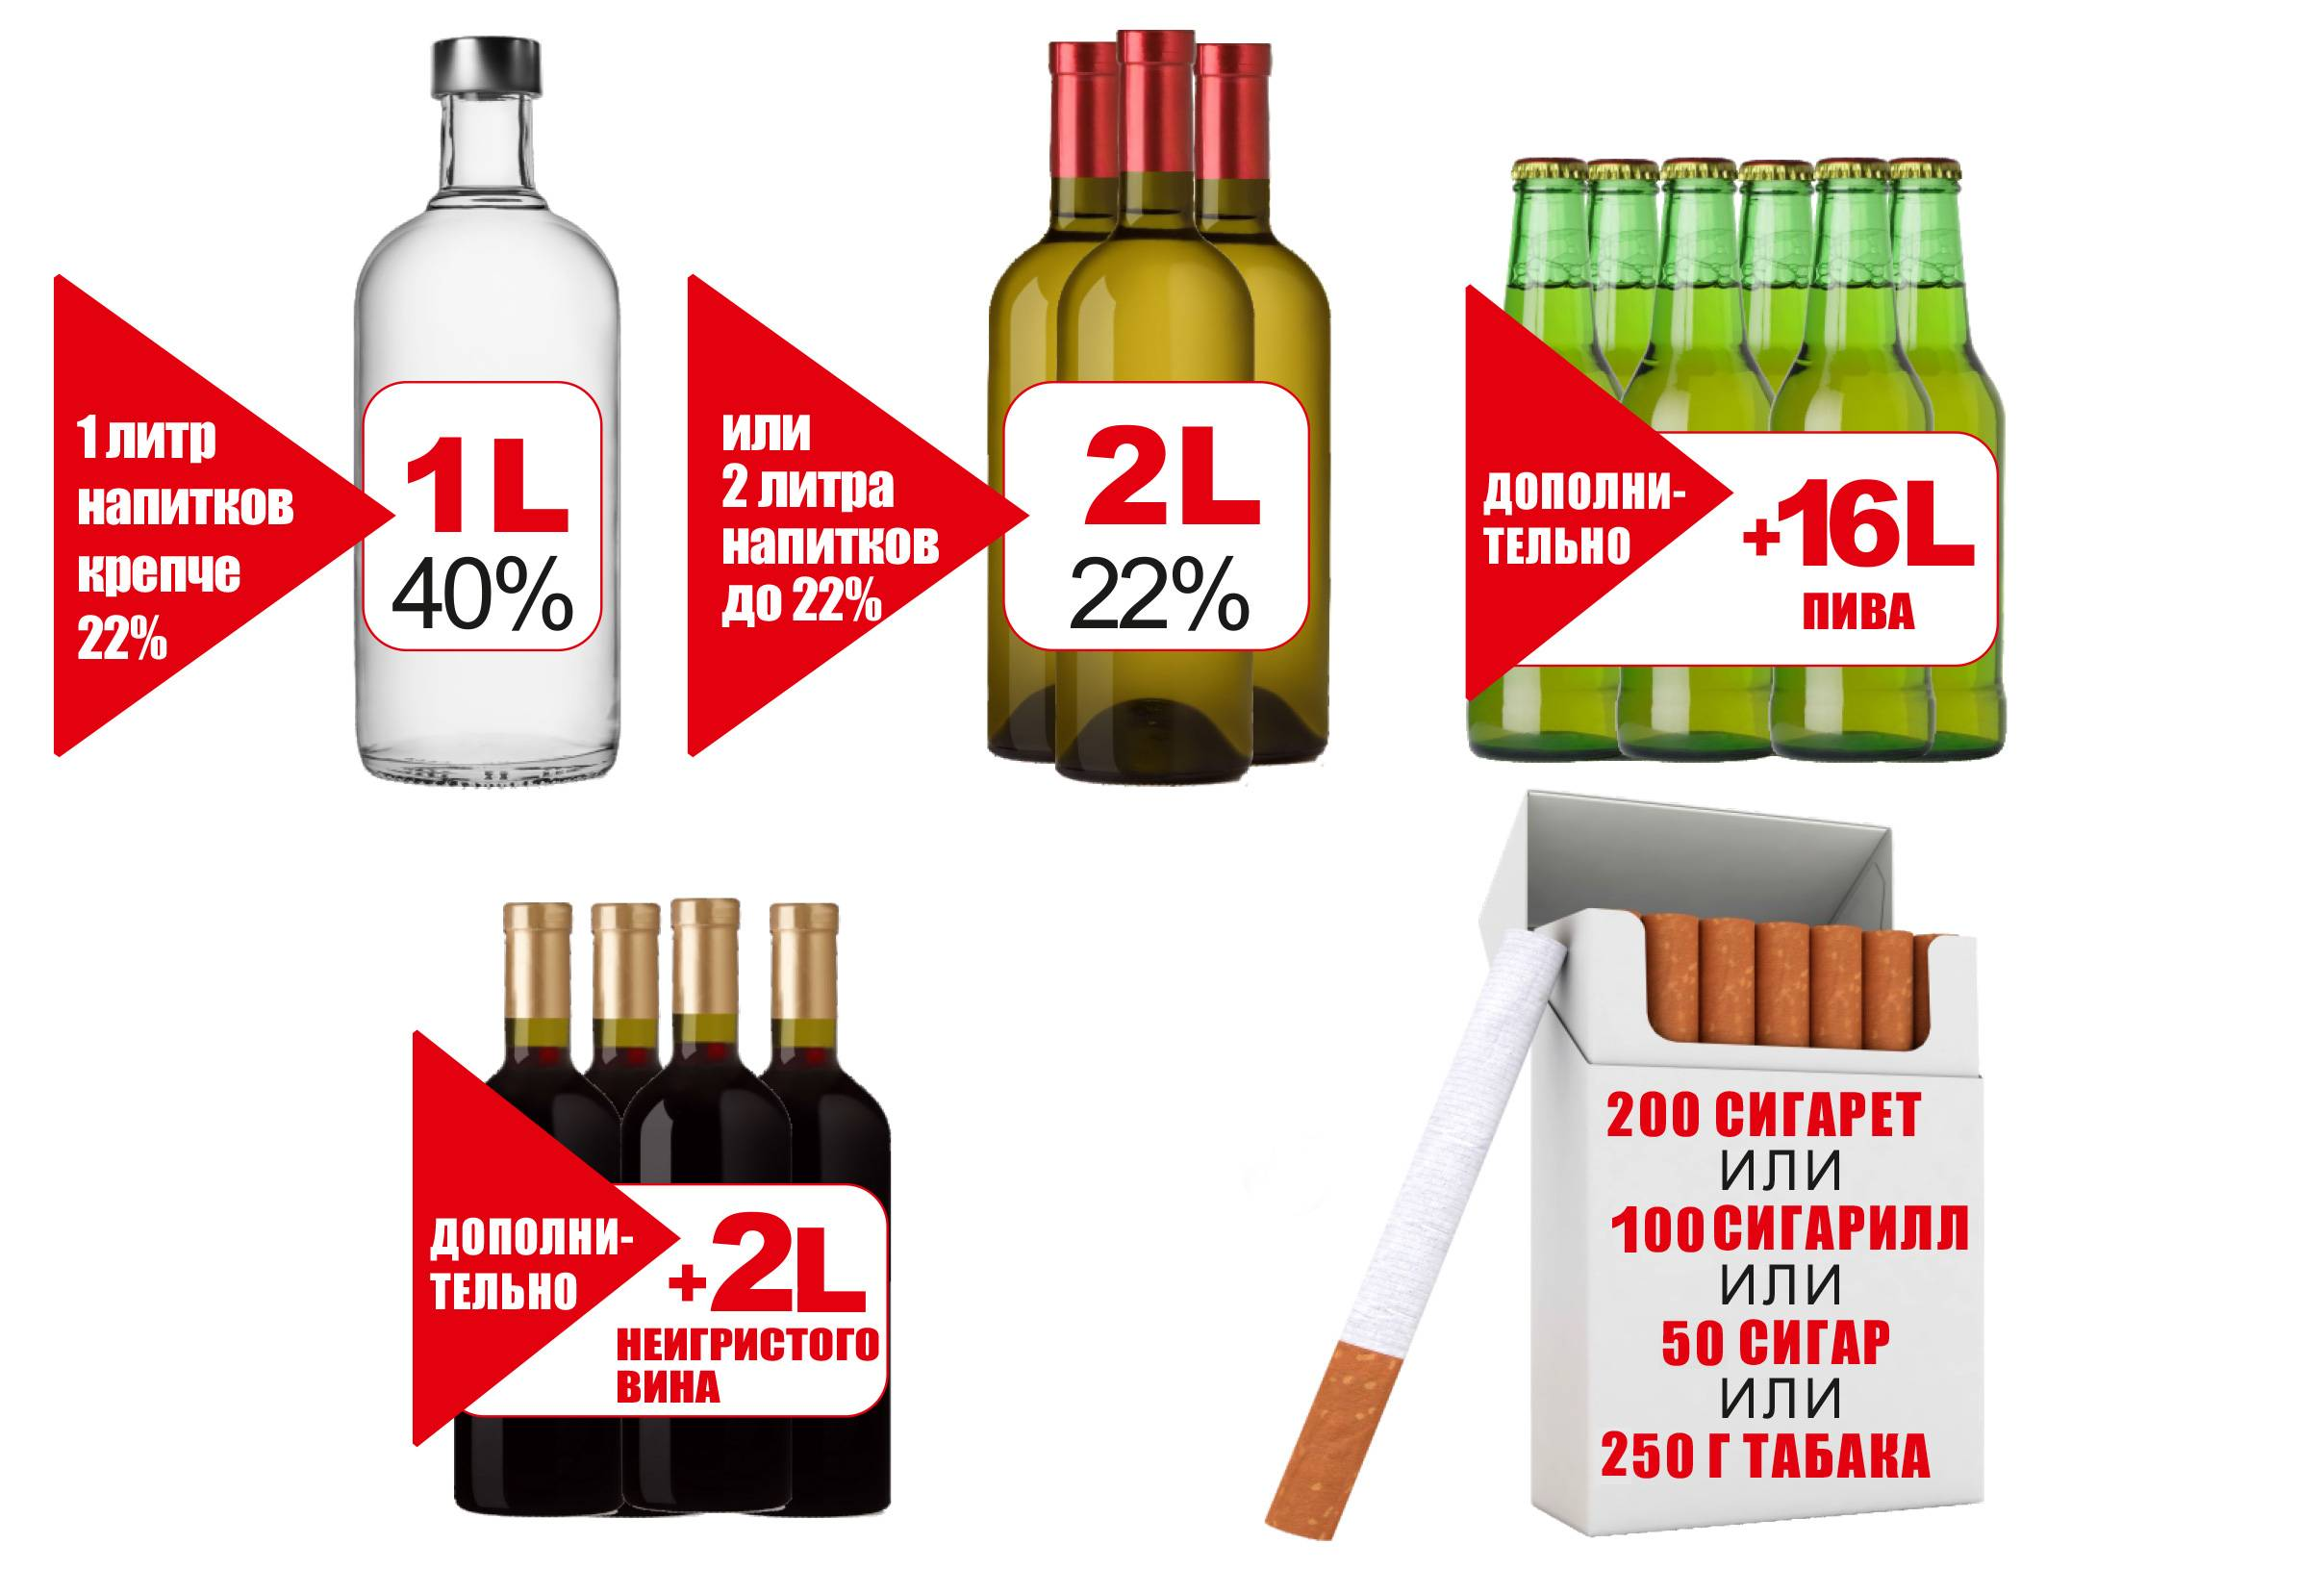 Сколько можно провезти алкоголя через границу россии:ввоз,вывоз,основные правила.